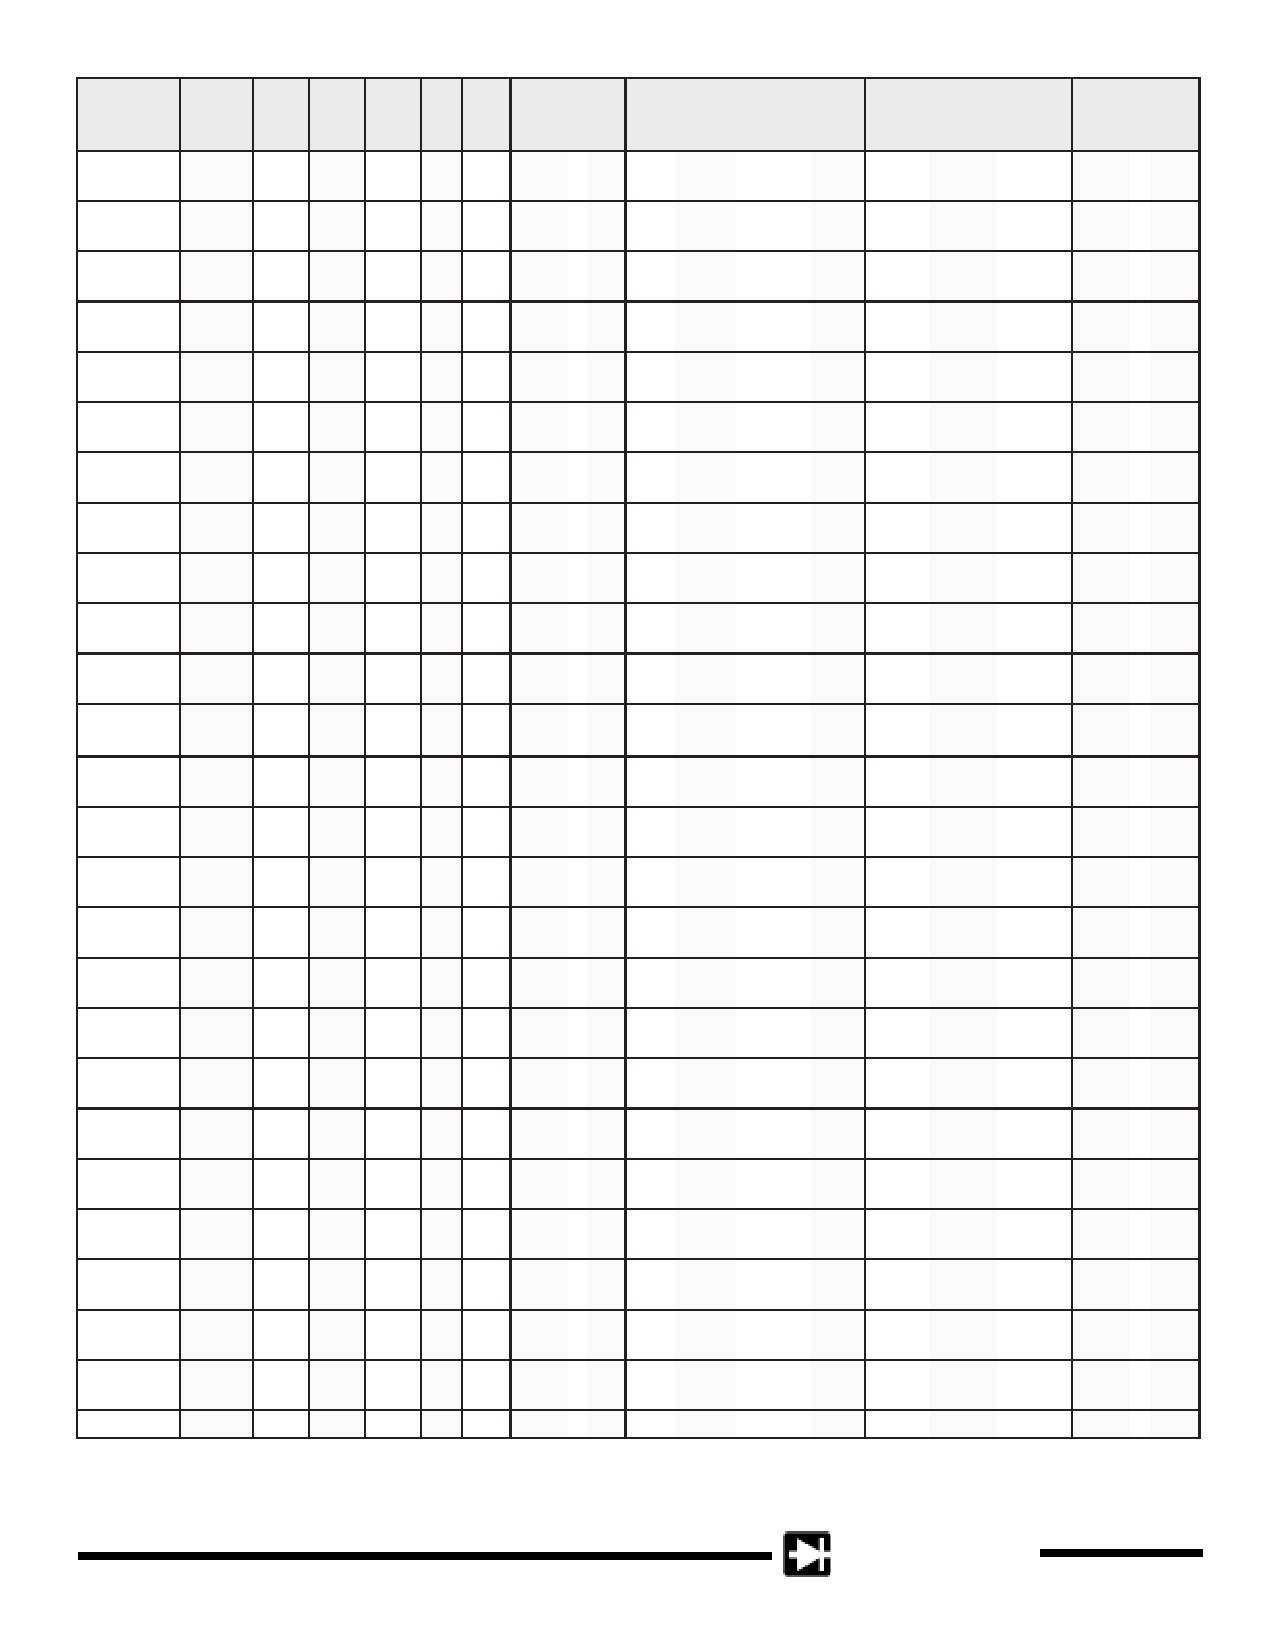 2N6290 pdf, ピン配列